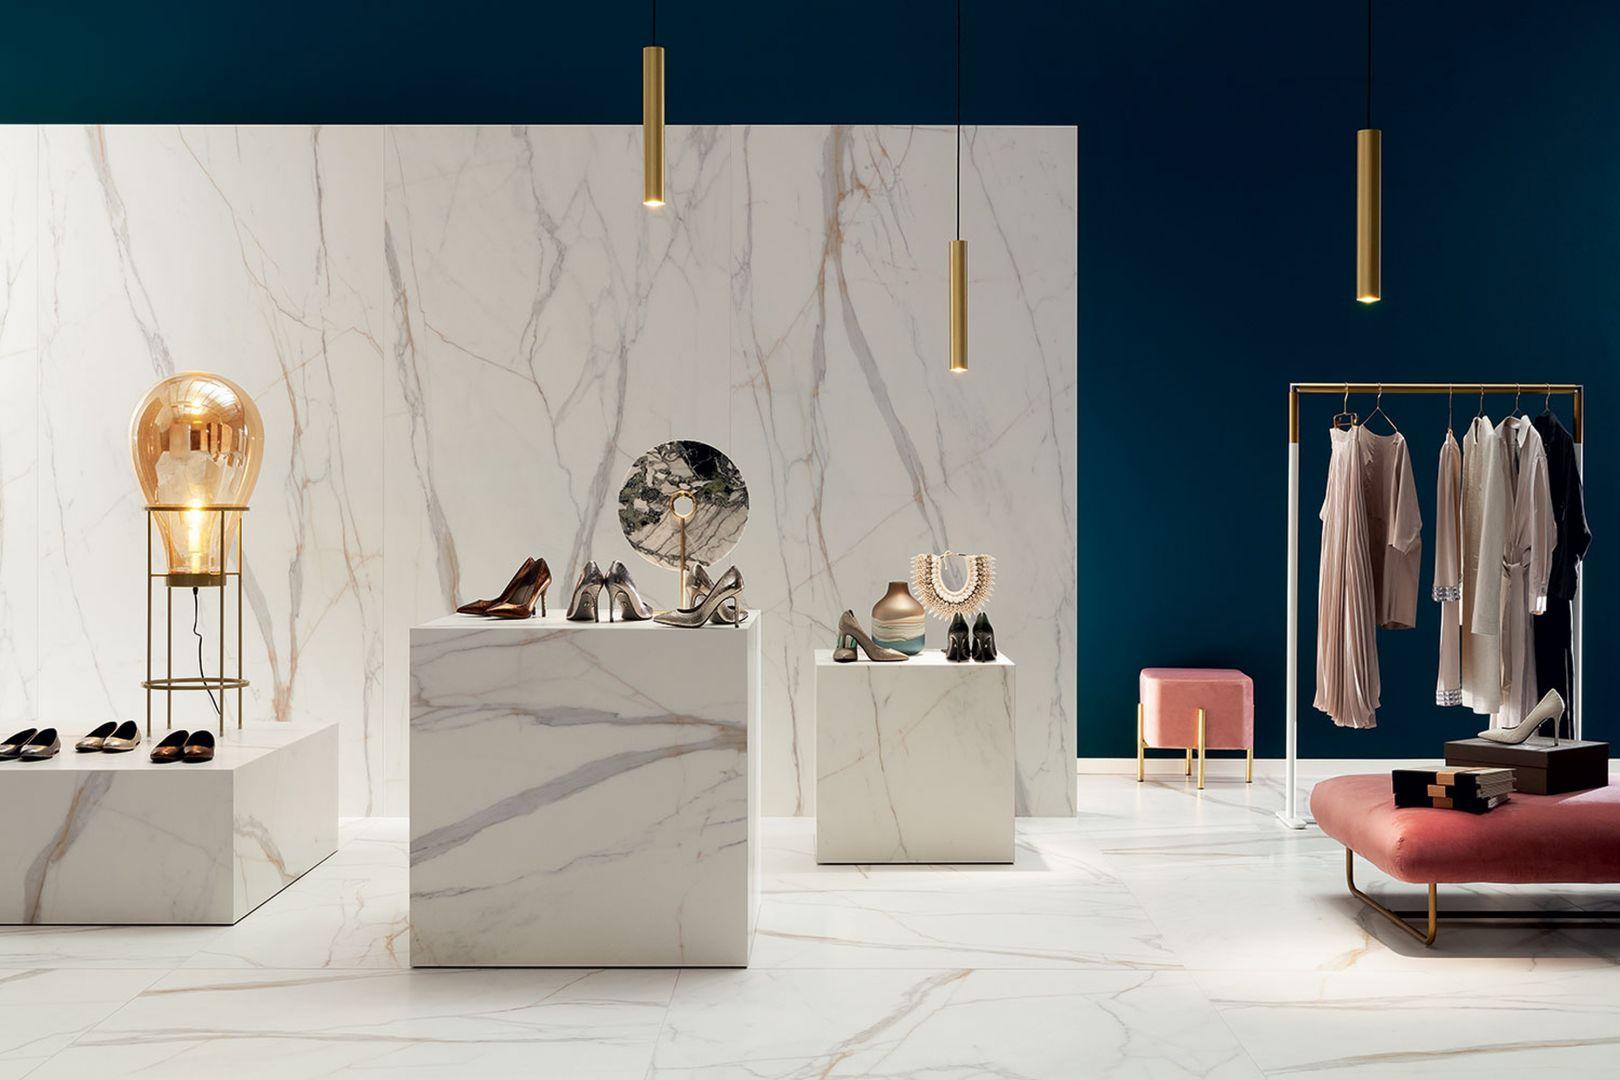 Kolekcja Marmo D'Oro otwiera prezentację wielkoformatowych nowości Ceramiki Tubądzin inspirowanych naturą. Fot. Tubądzin. CENA: 120x240 MAT – 299,87 zł/m2, 120x240 POL – 349,94 zł/m2